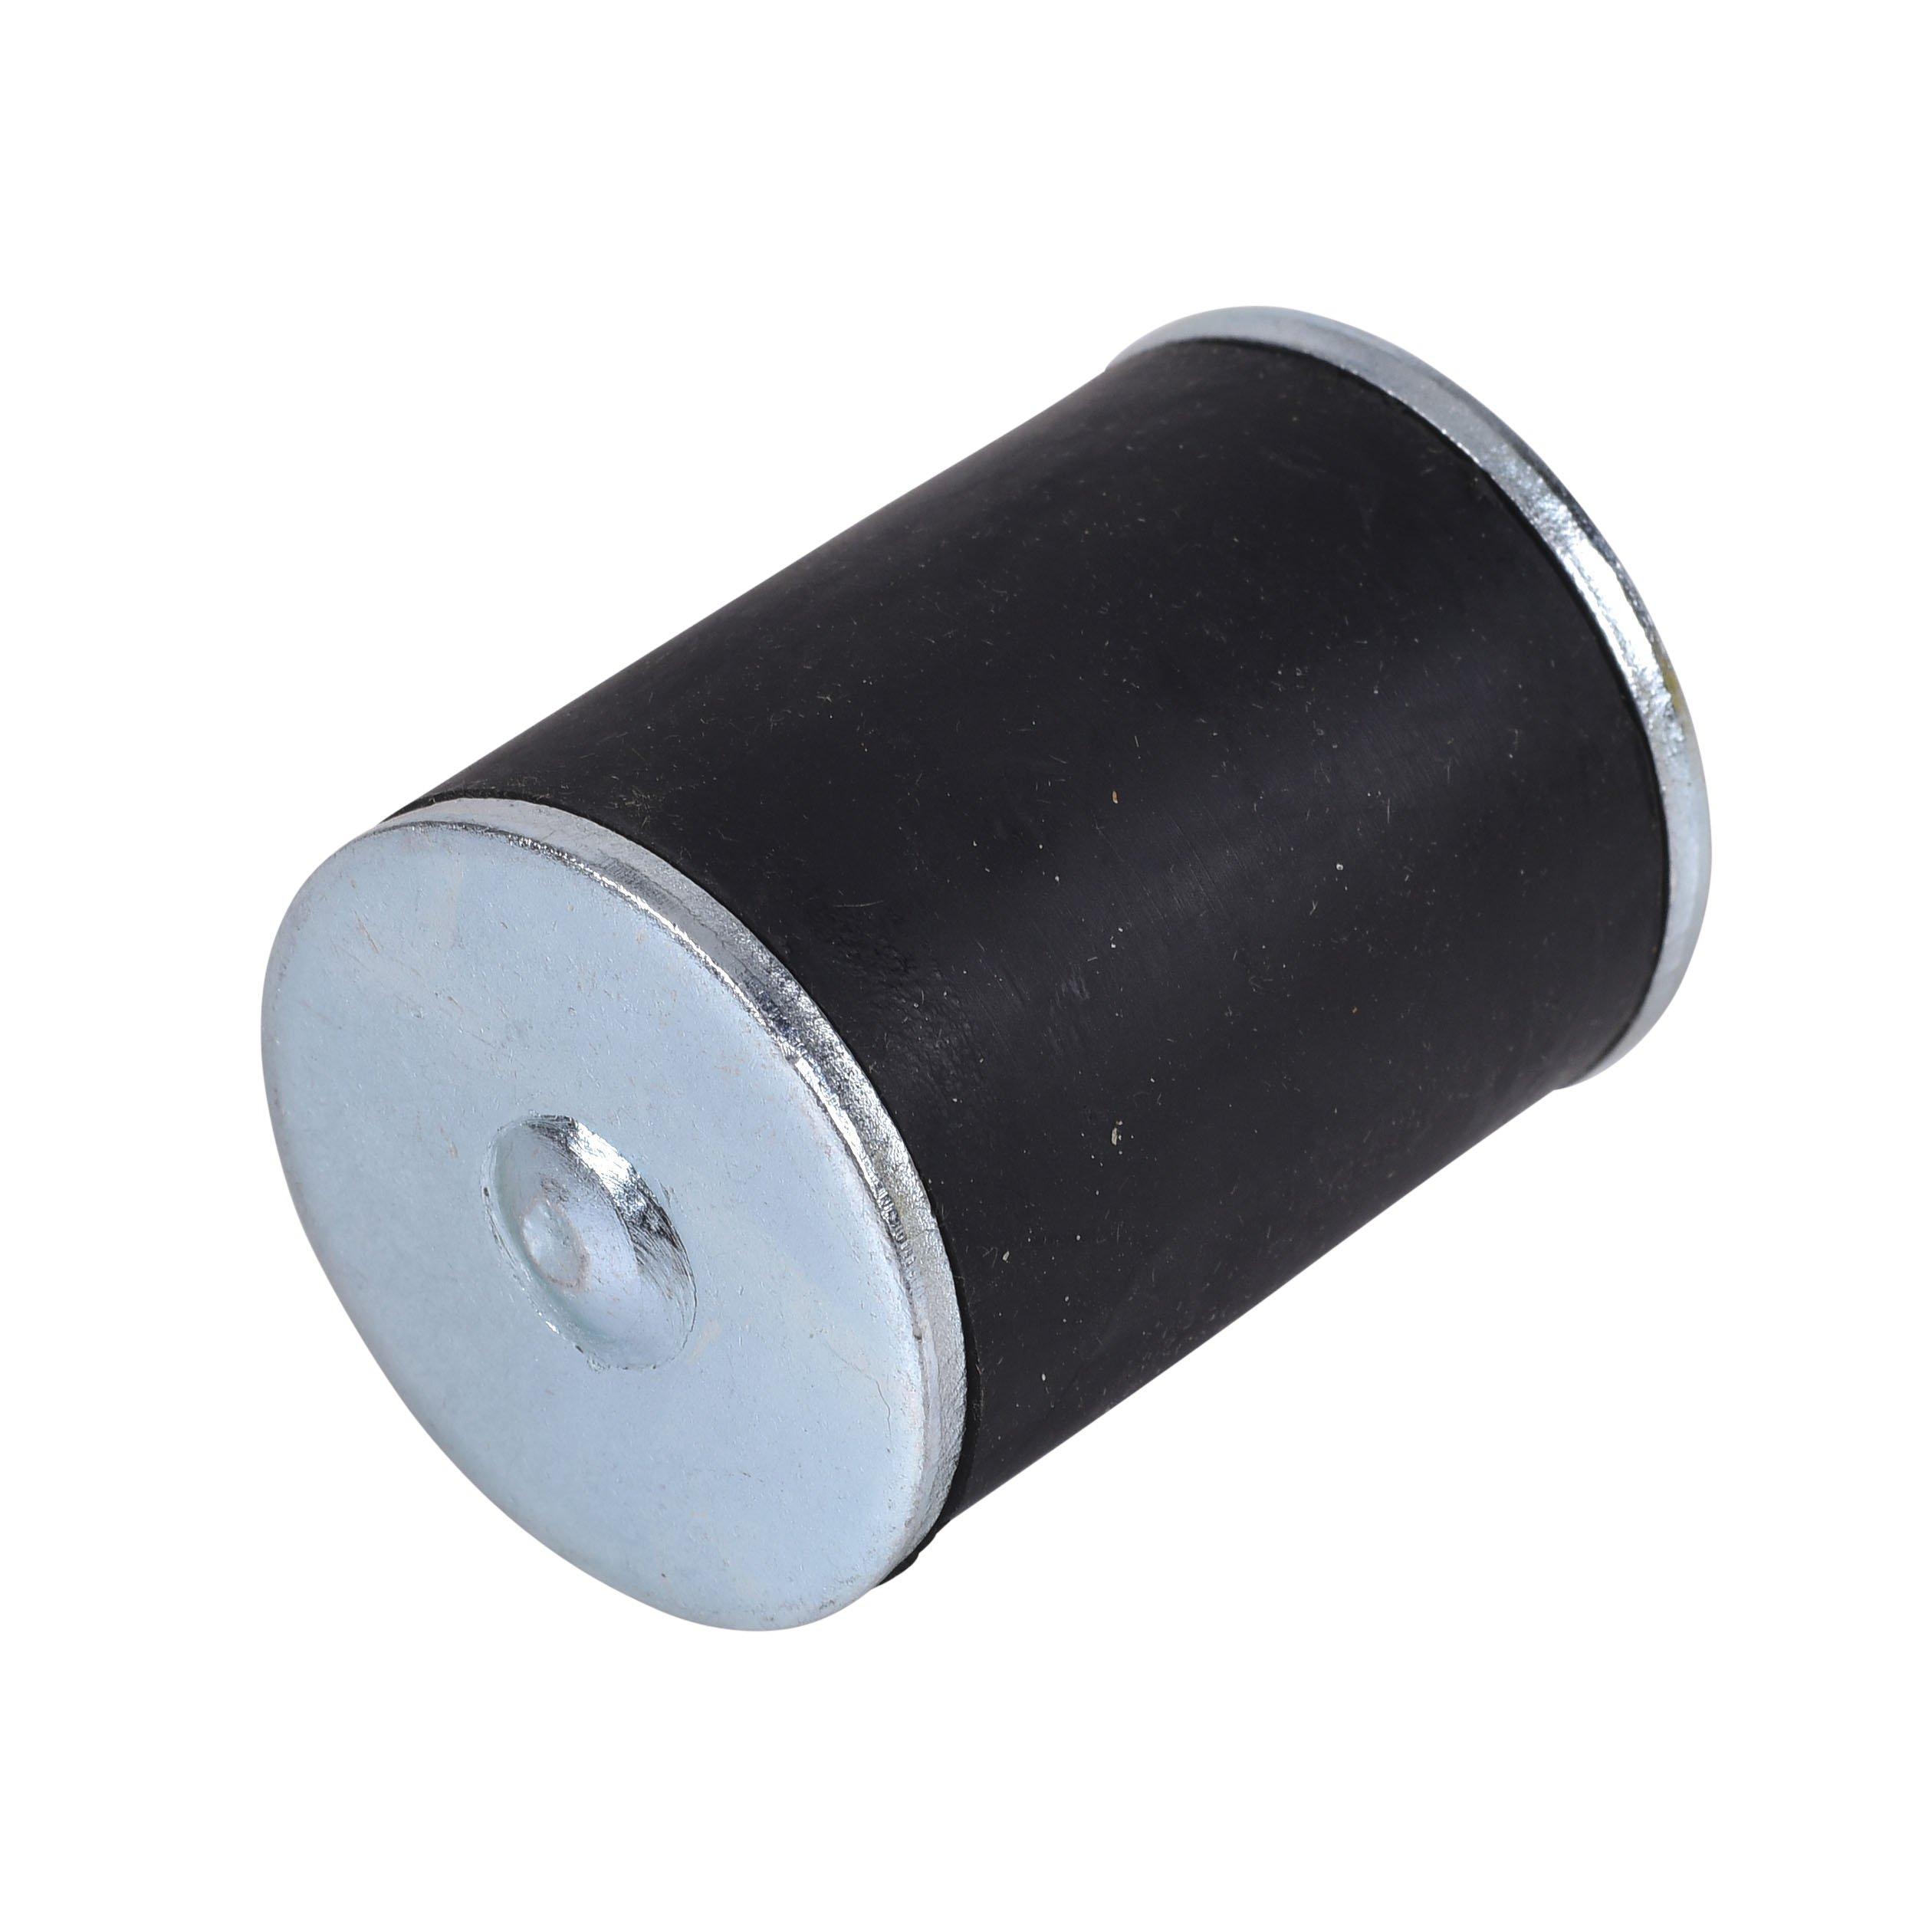 Cherne 269905 Plug 2-Inch Kwik 'N Sure